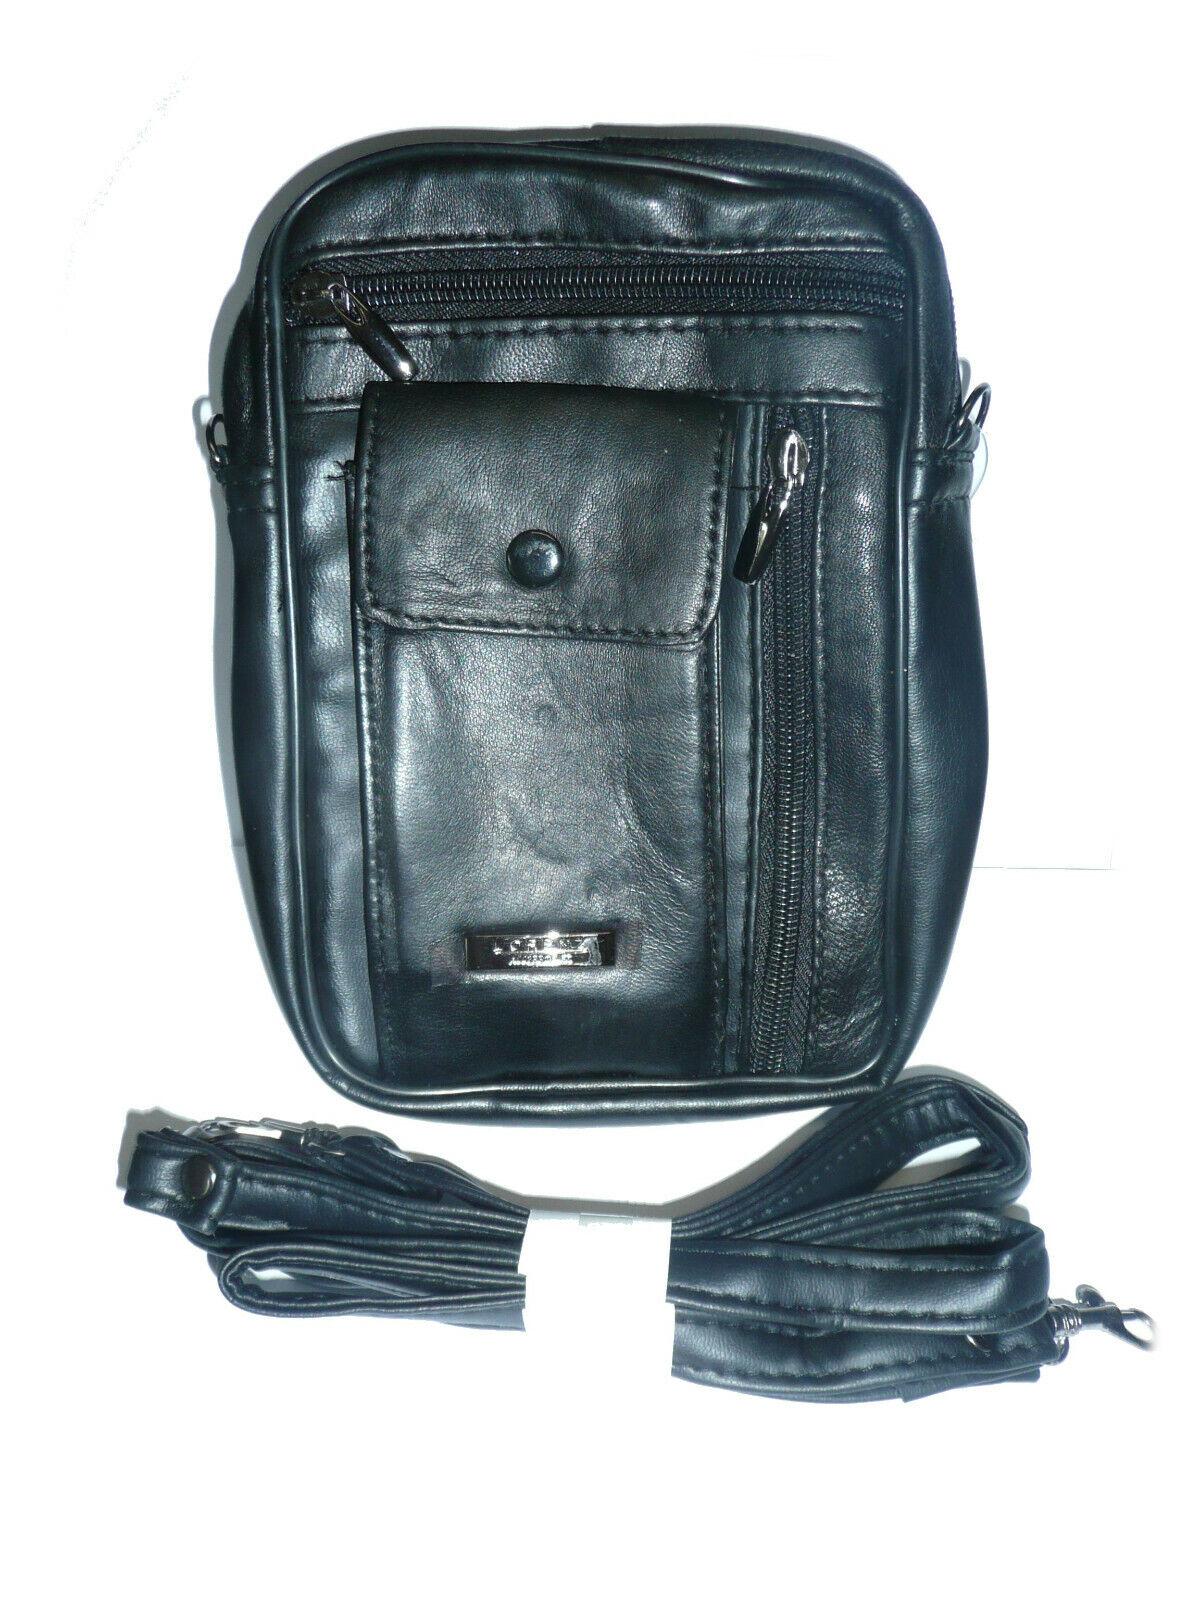 LORENZ  LEATHER Shoulder bag with large phone pocket